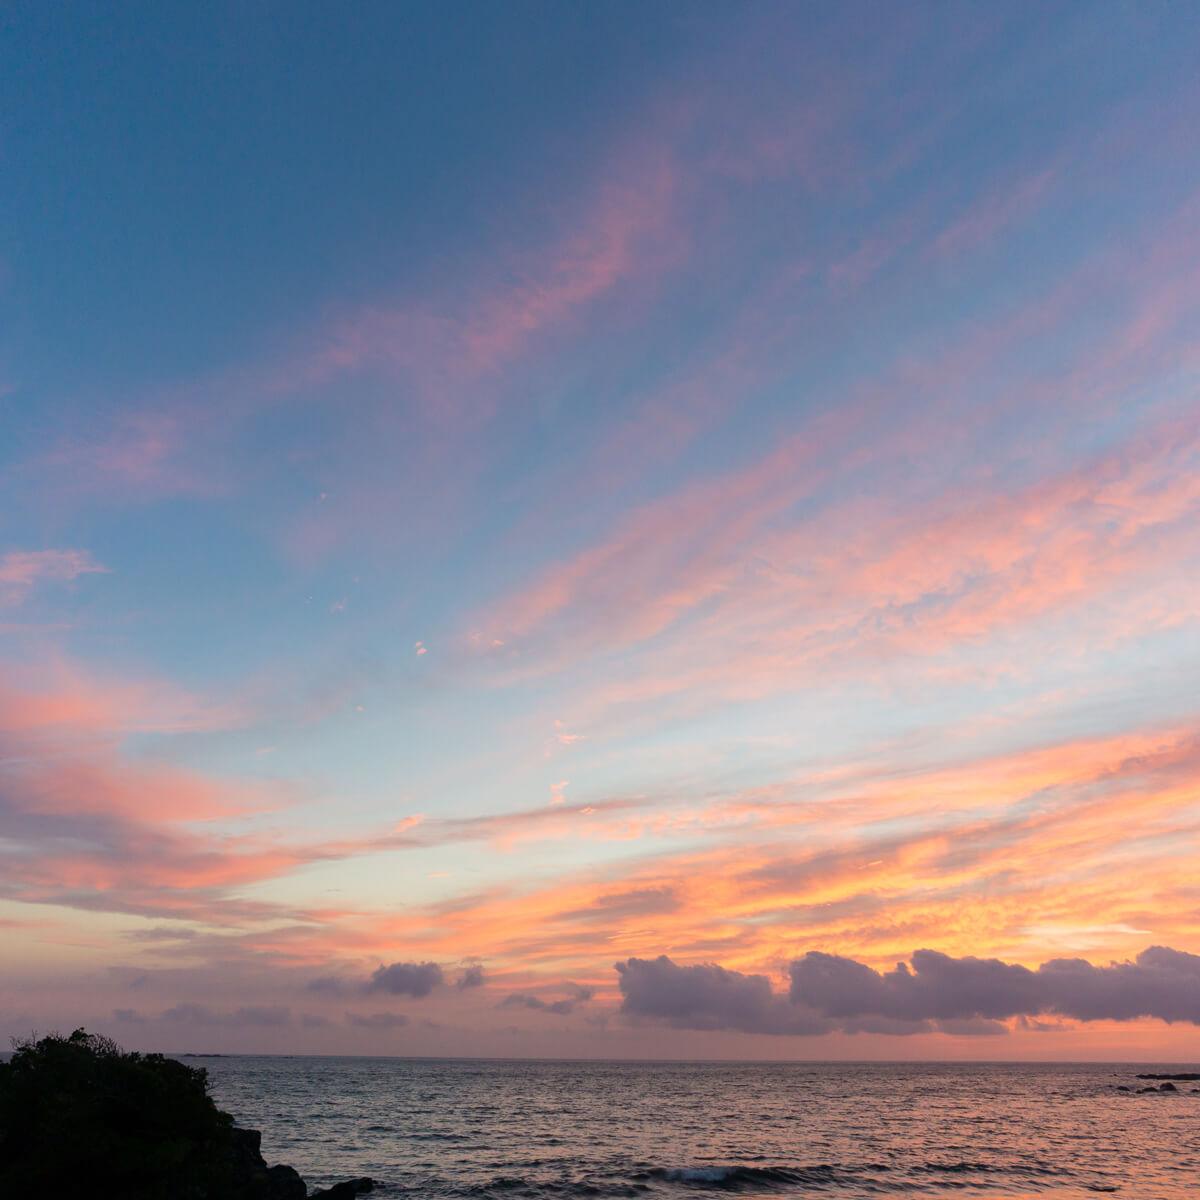 屋久島の海 夕暮れ時 屋久島海とジュエリー